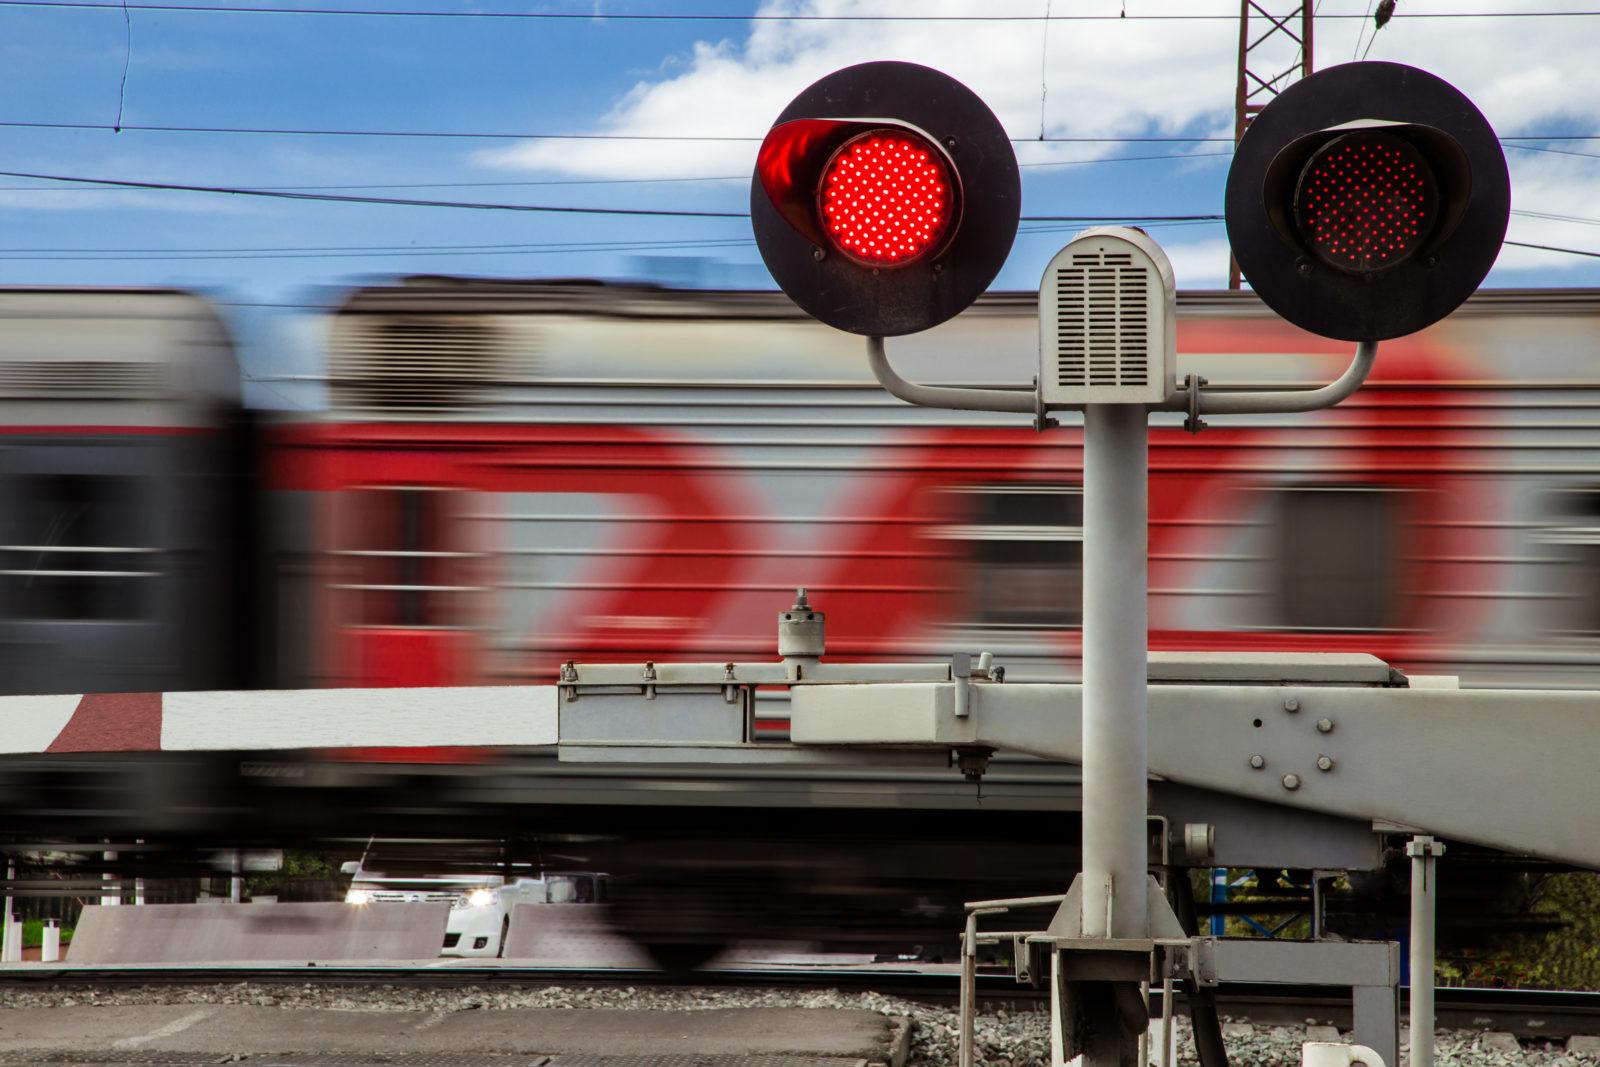 Ж/д переезд в Верхнем Баскунчаке будет временно закрыт на ремонт